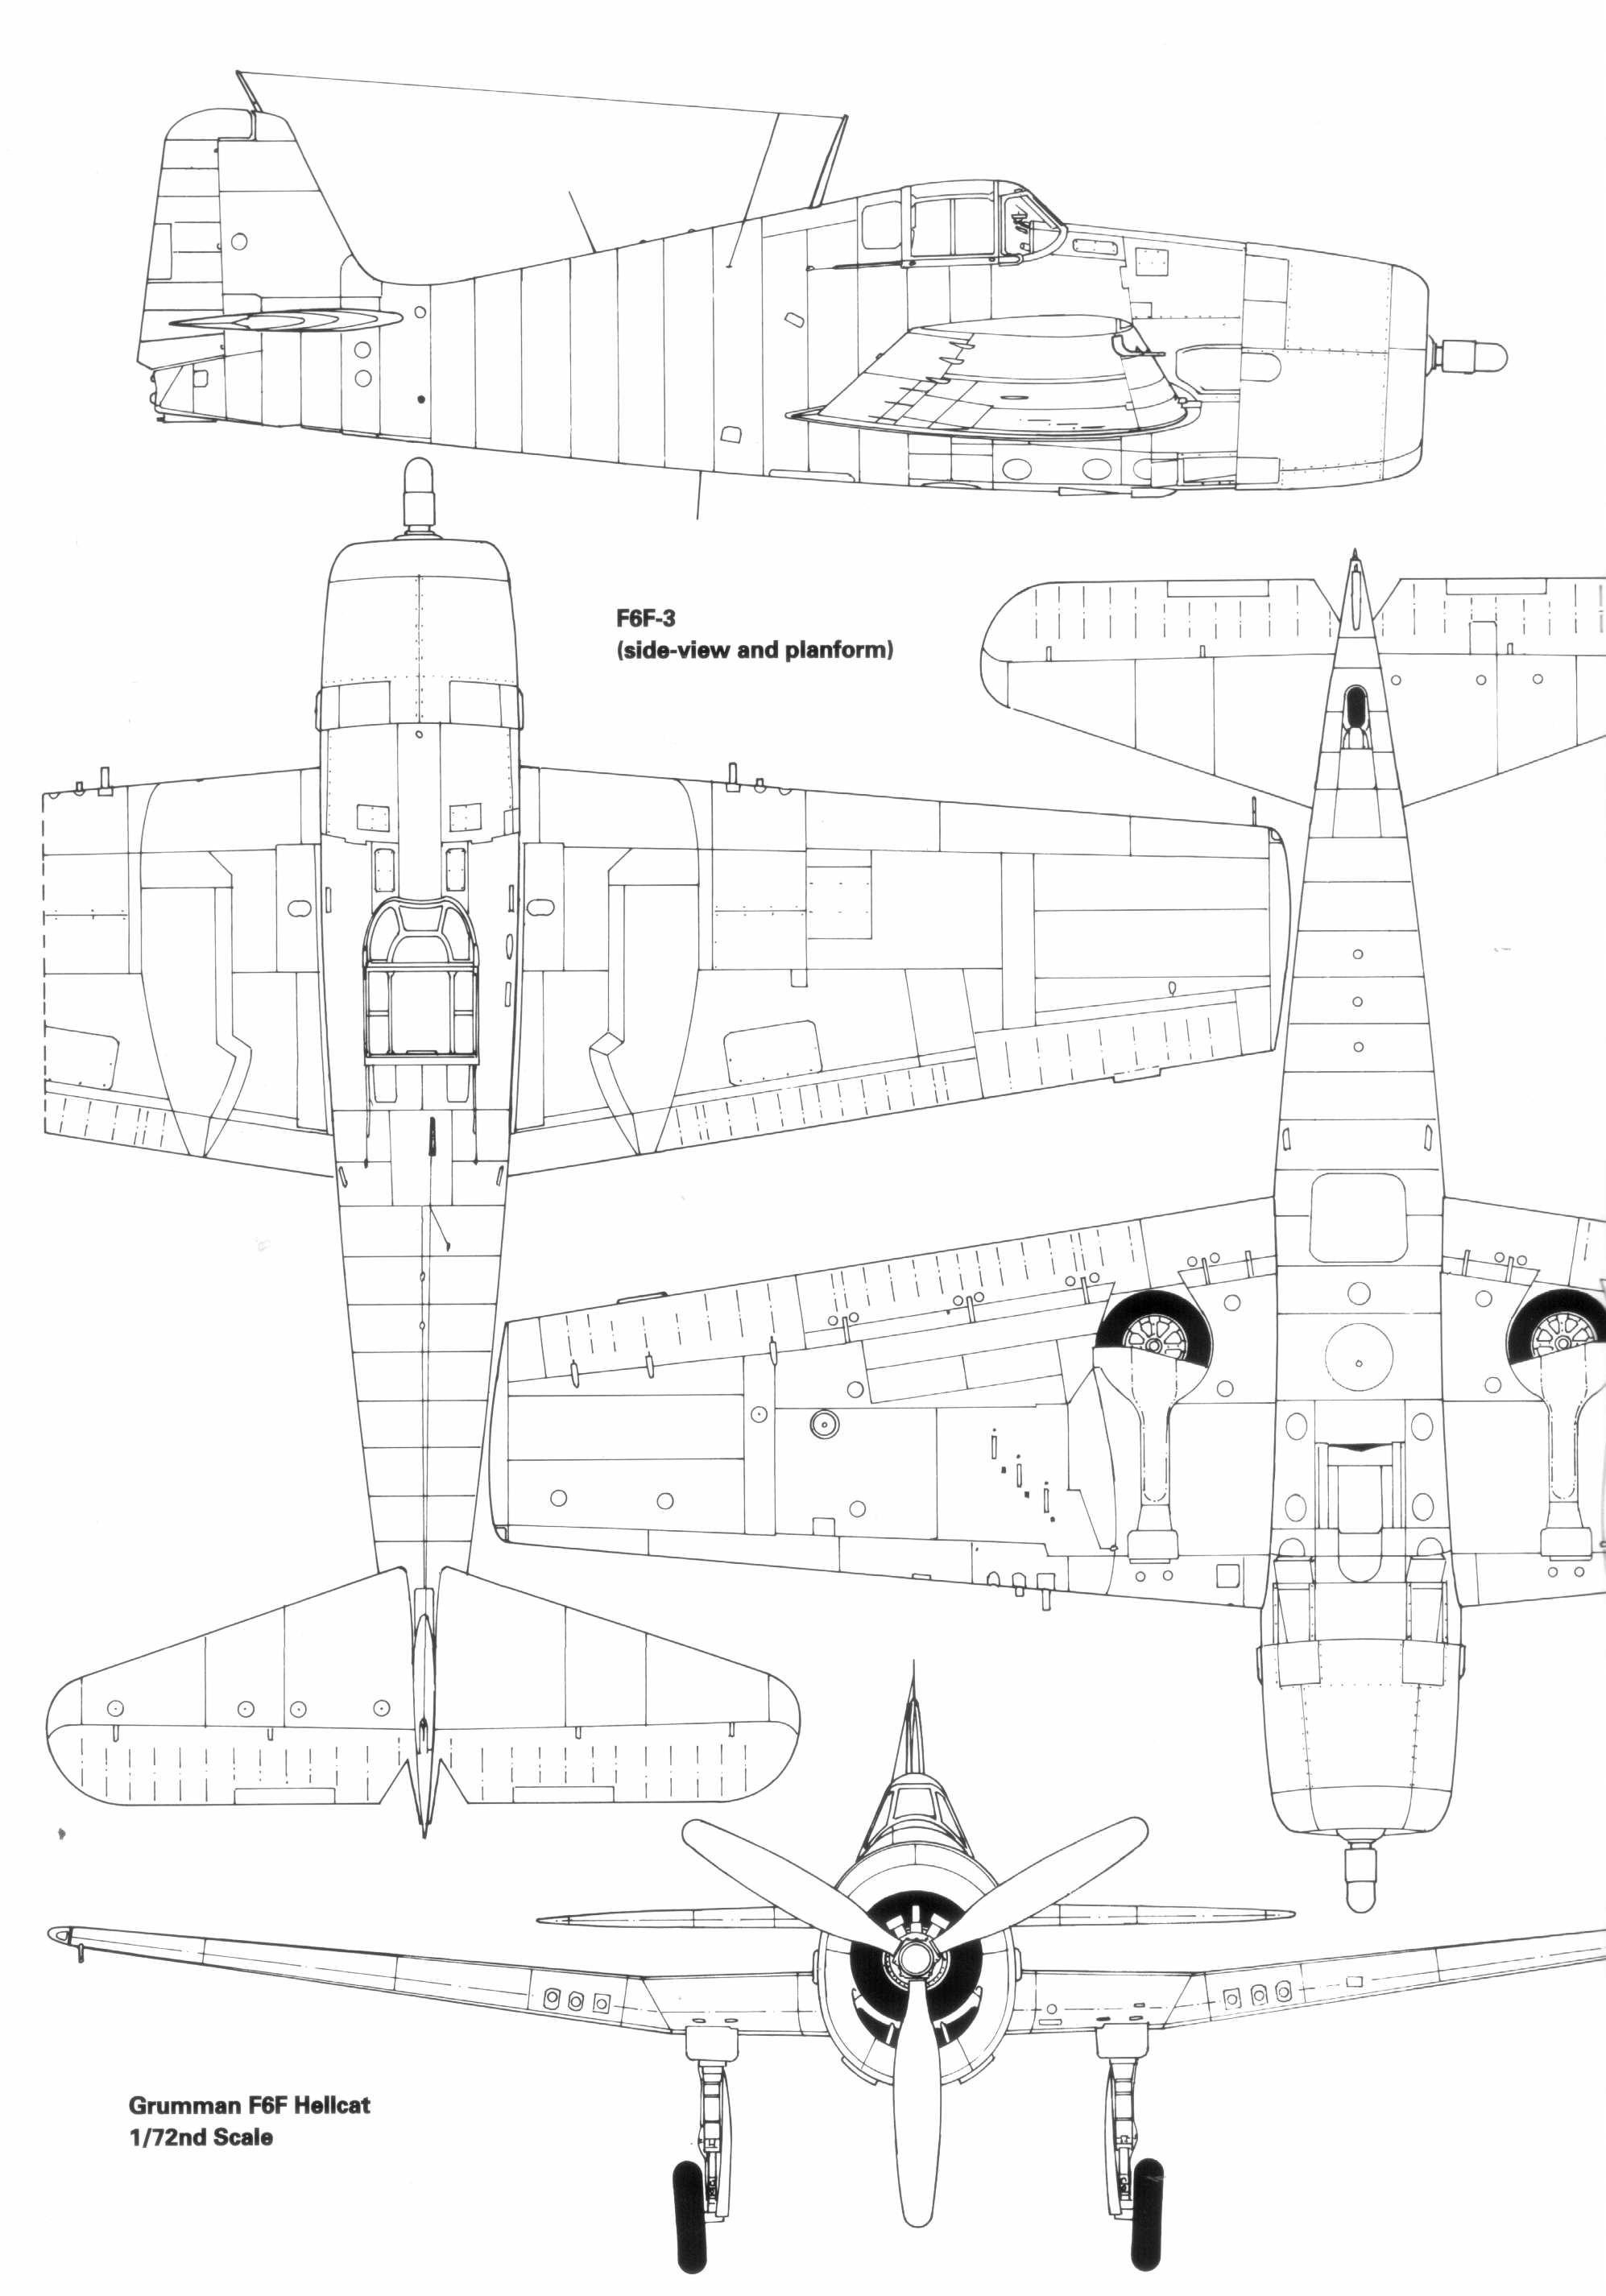 F6F Hellcat blueprint